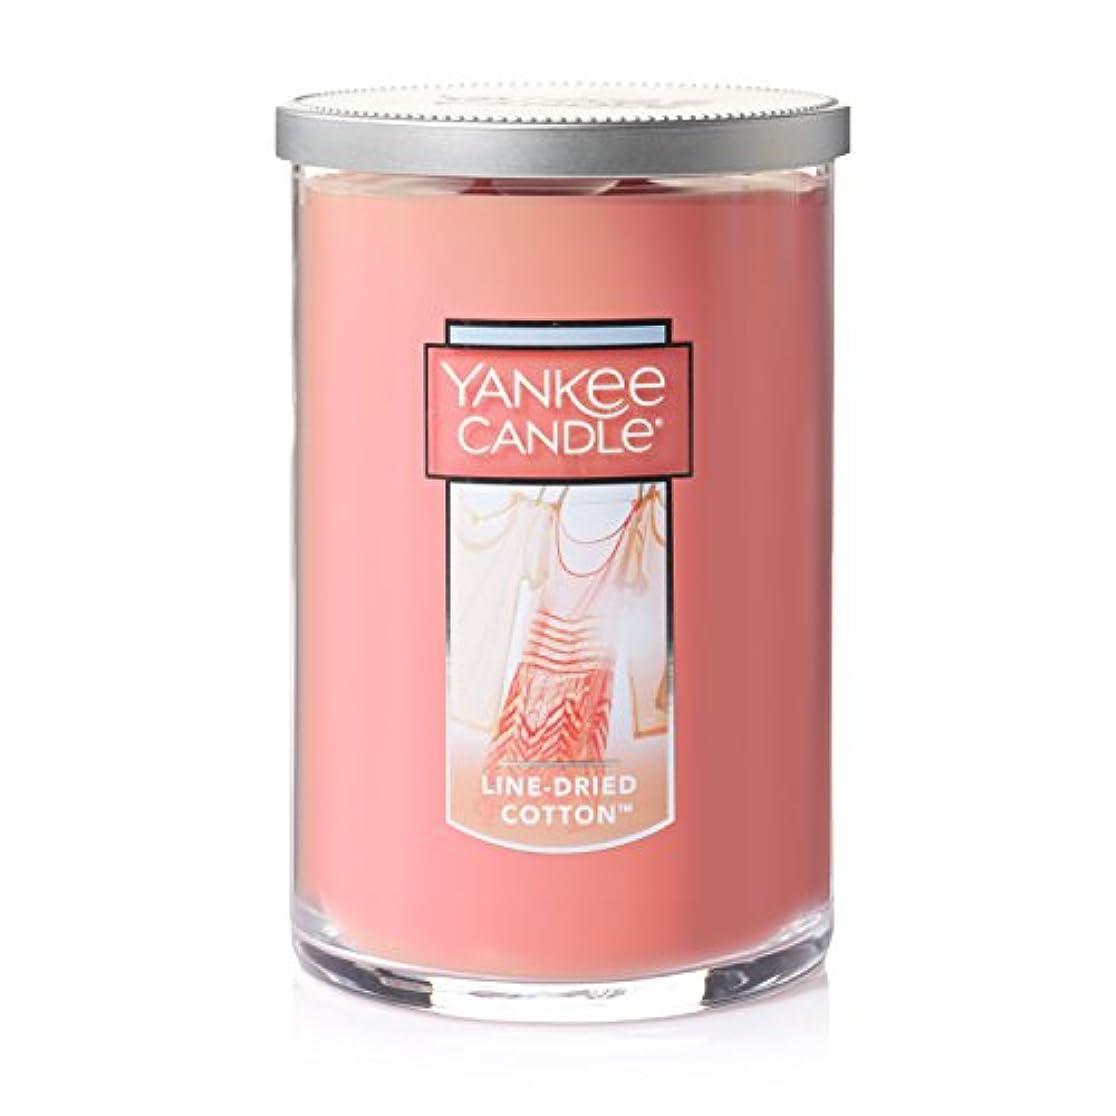 振り返る軽蔑する蛾Yankee Candle Jar Candle、line-driedコットン Large 2-Wick Tumbler Candle ピンク 1351643